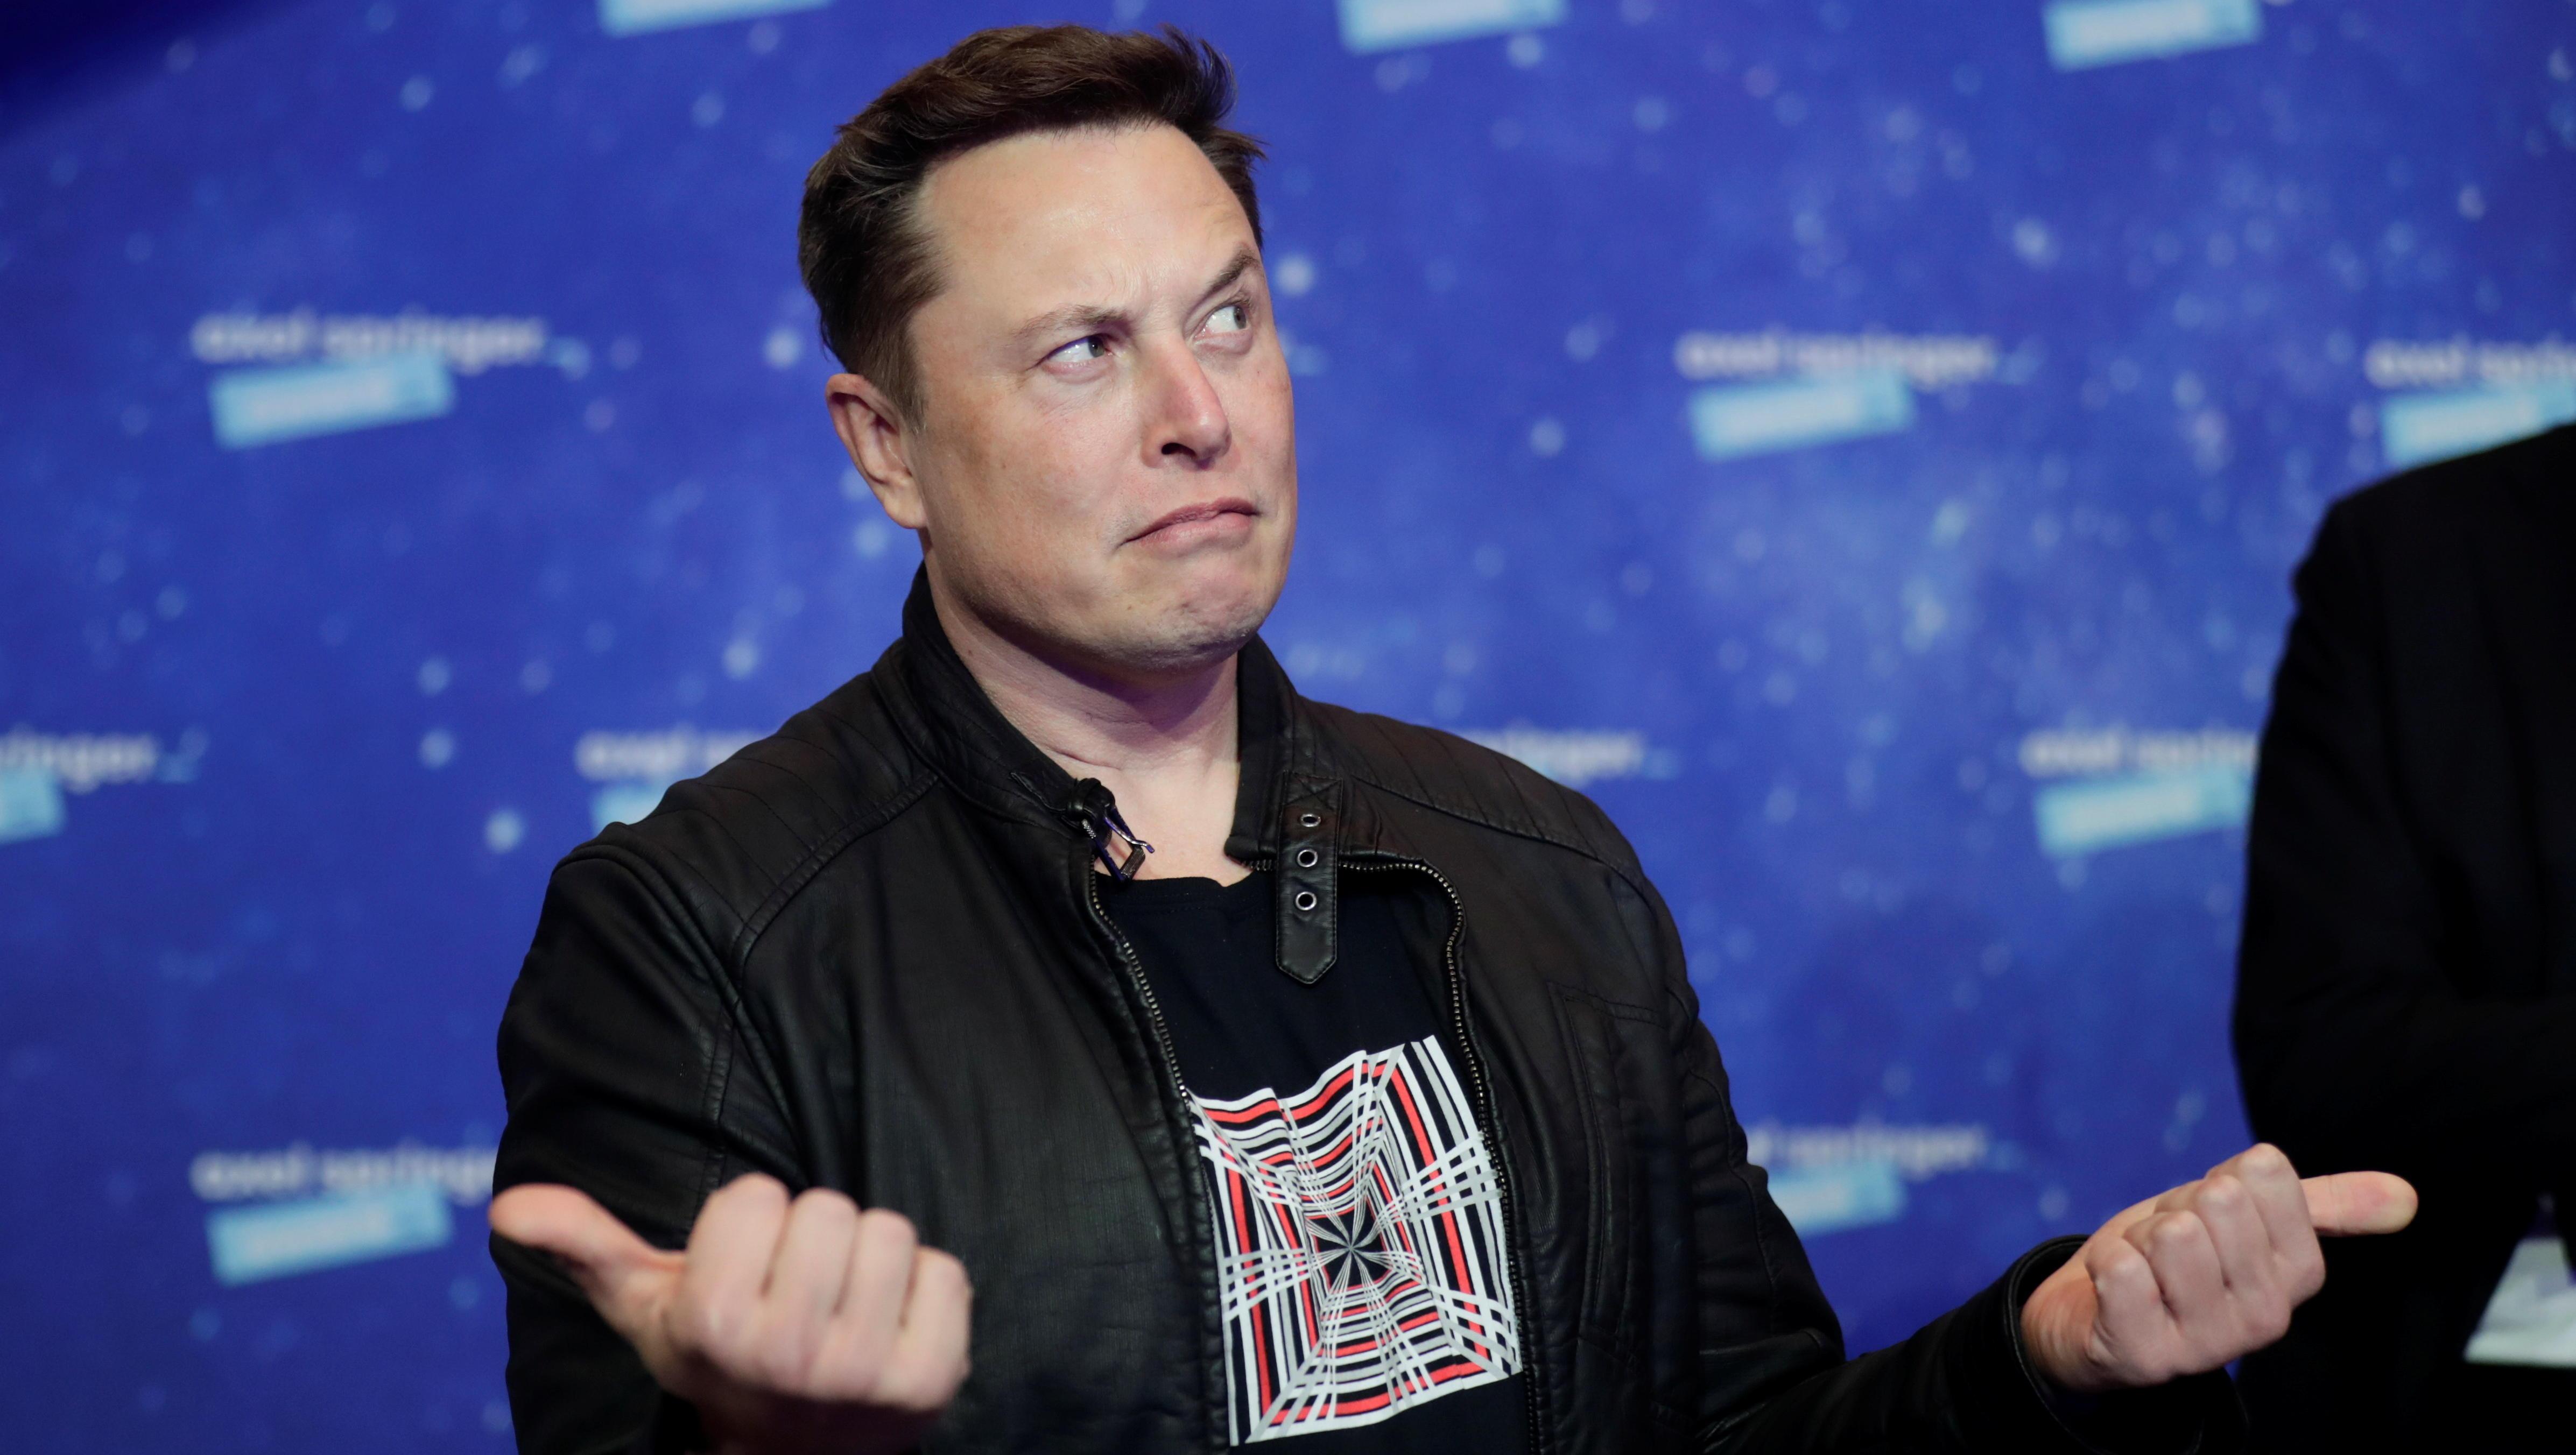 Börsenliebling Tesla enttäuscht Anleger, Aktie deutlich im Minus